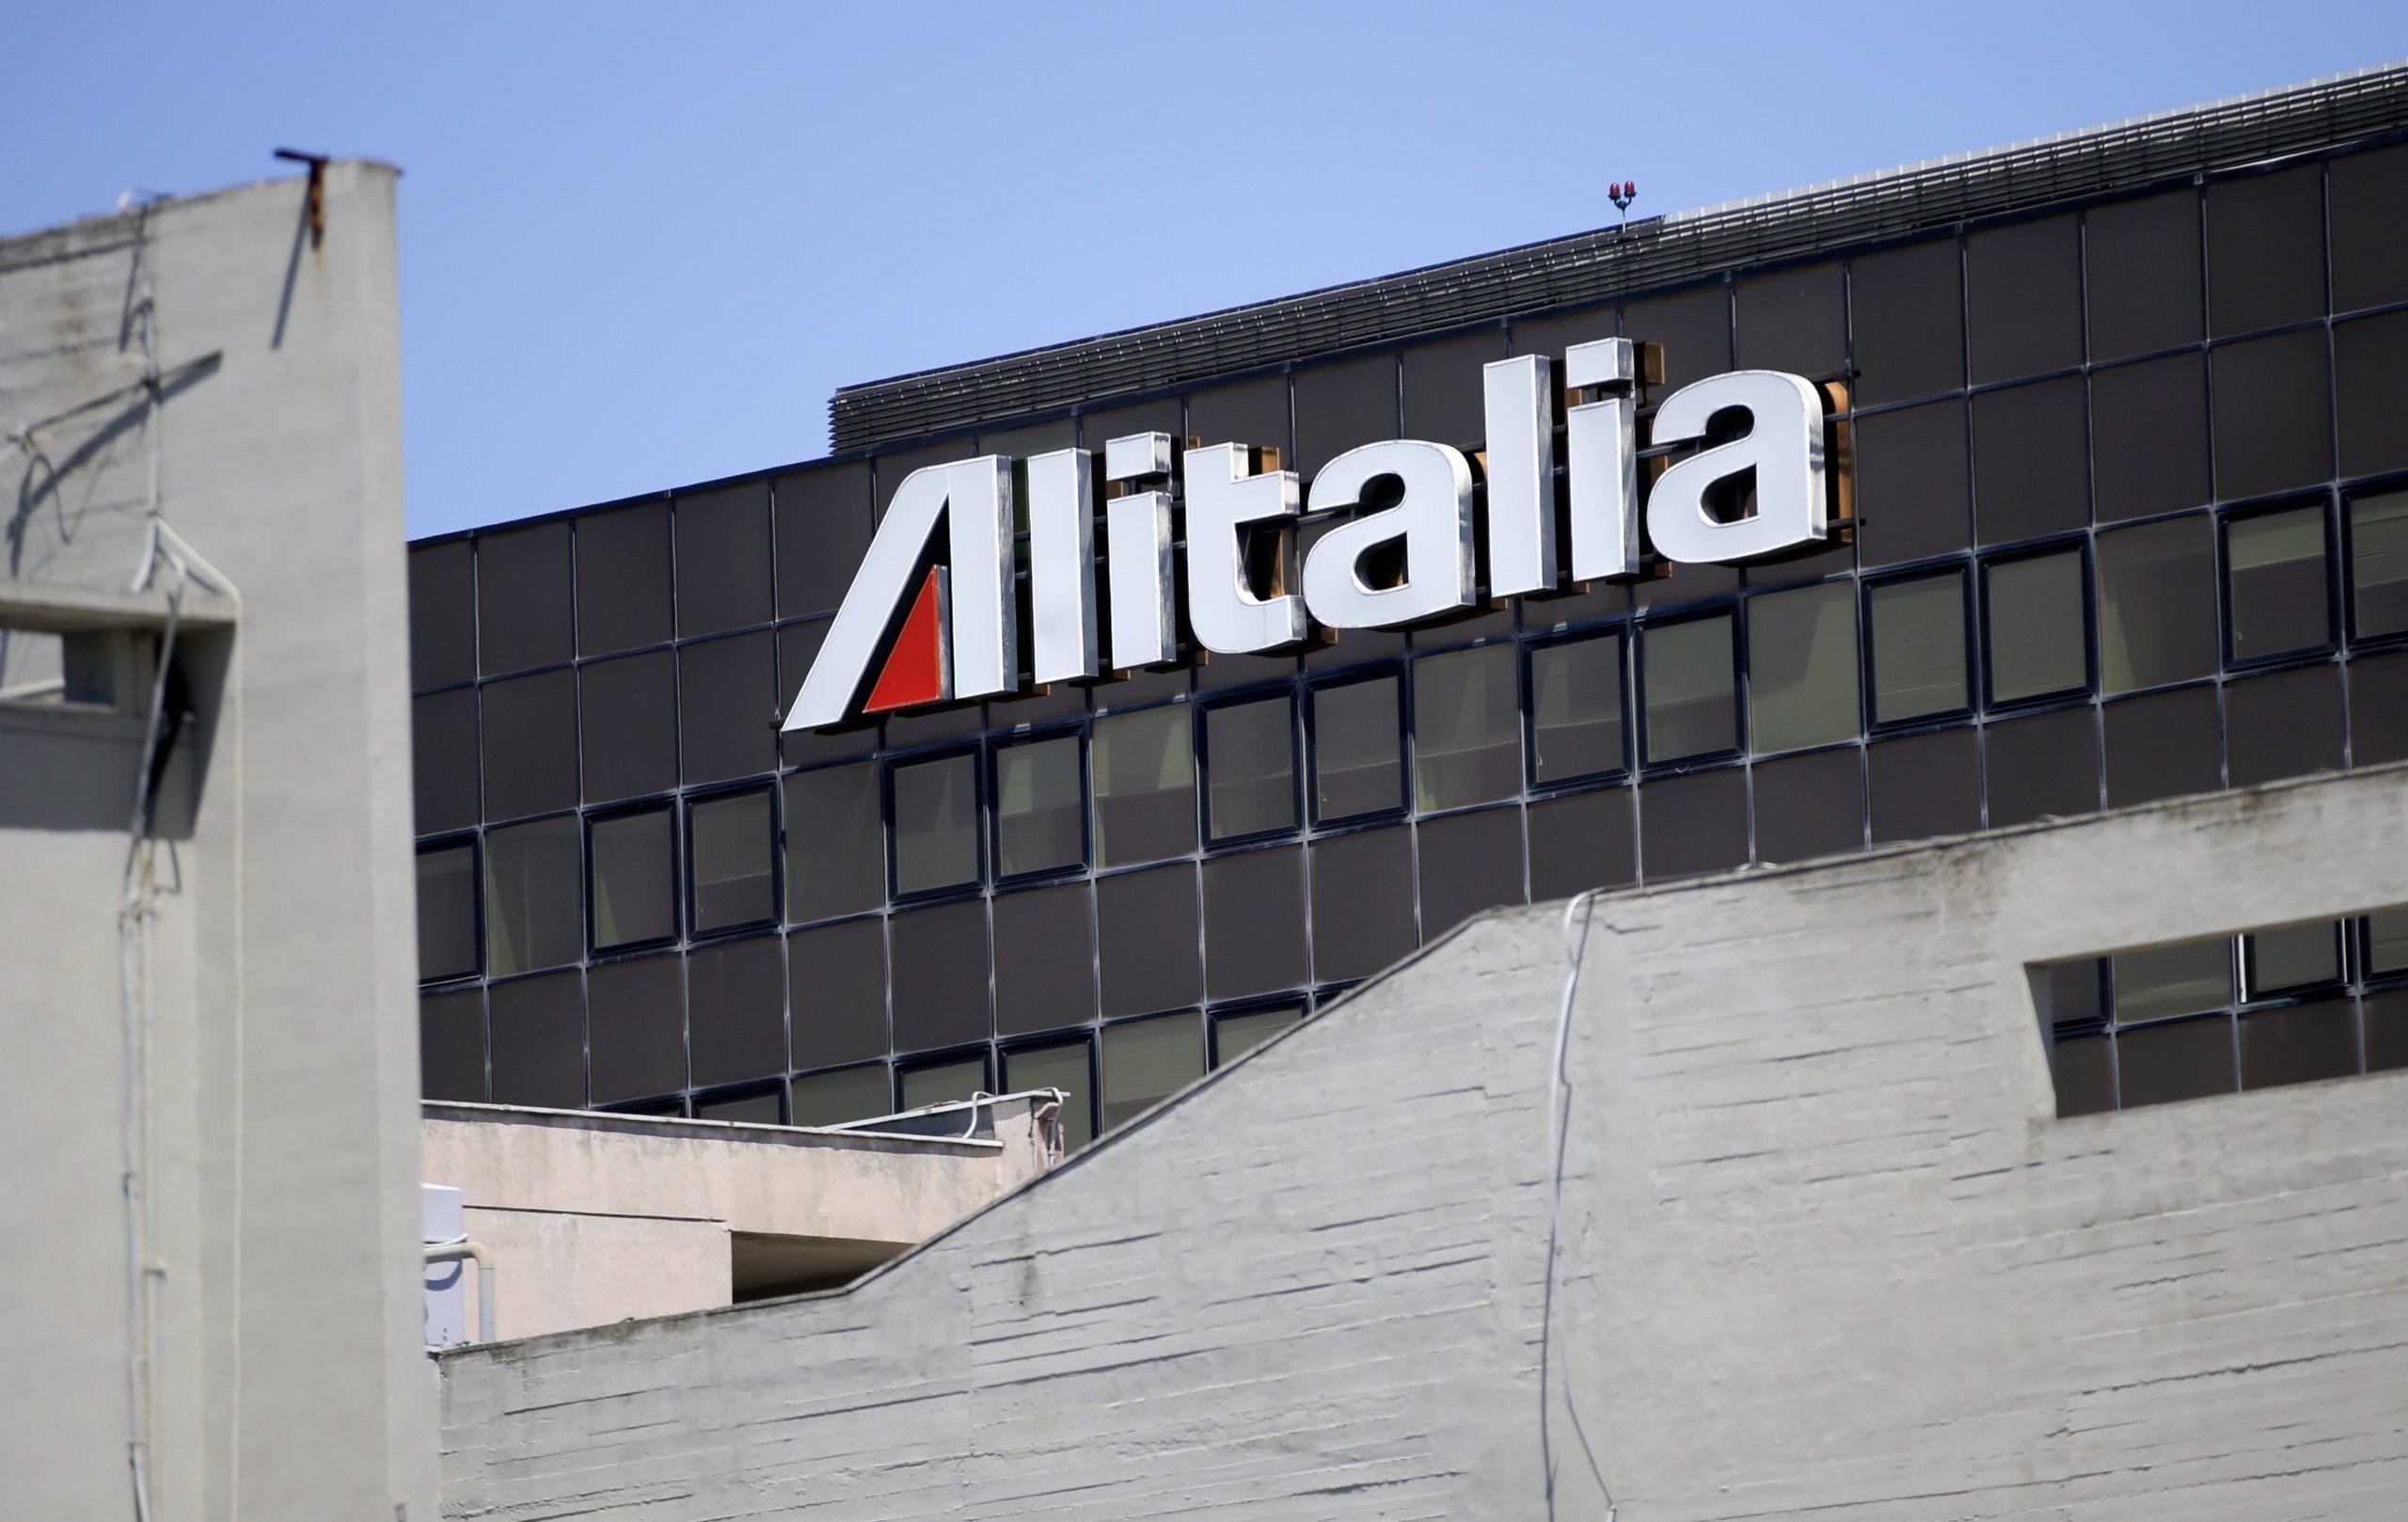 Κορωνοϊός: Ακυρώνονται όλες οι πτήσεις της Alitalia από και προς το Μιλάνο!